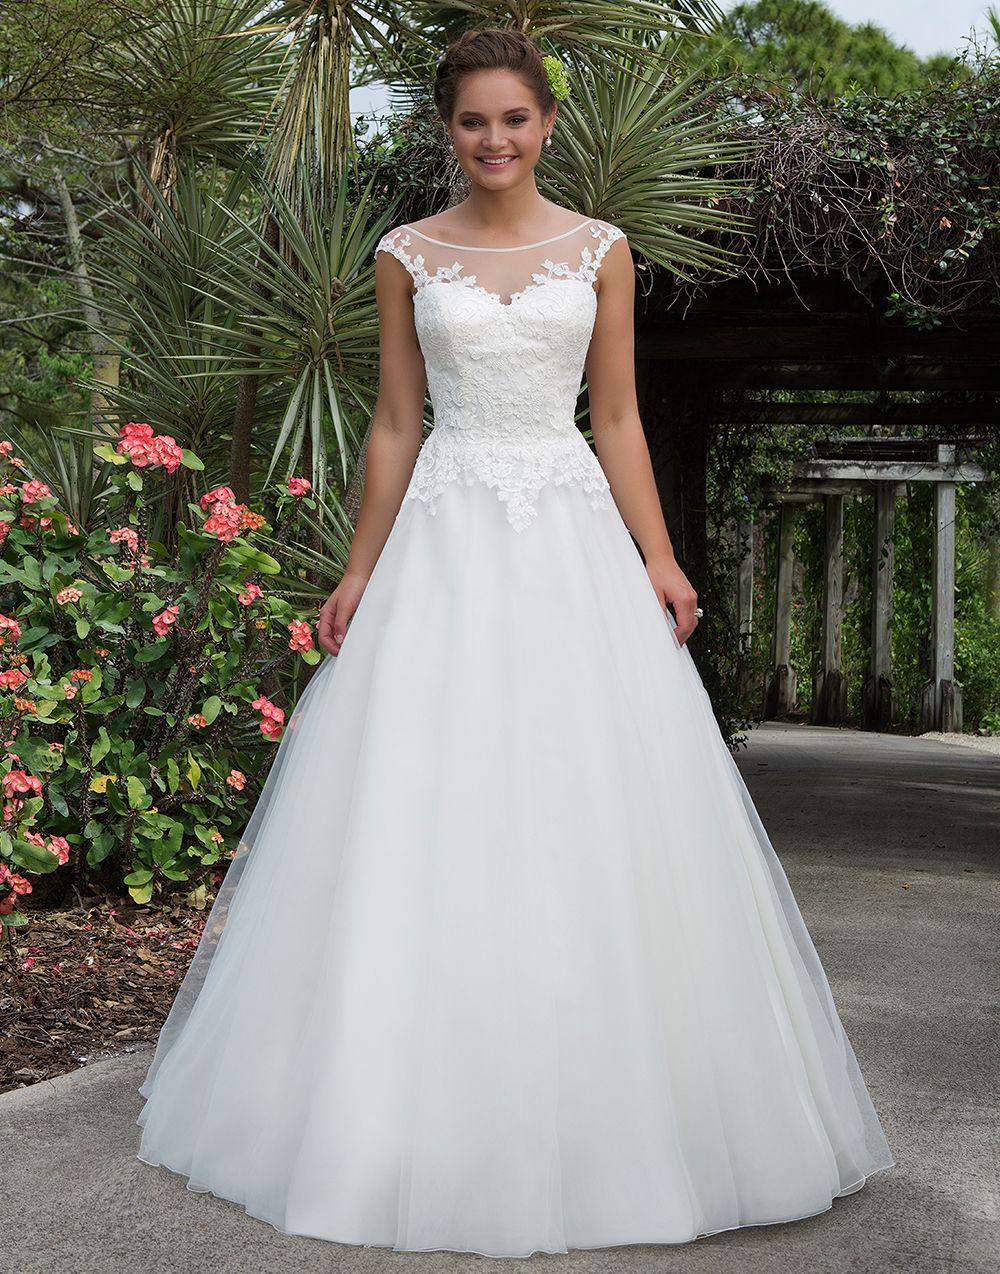 Fantastisch Brautjunferkleider In Sydney Bilder - Brautkleider Ideen ...